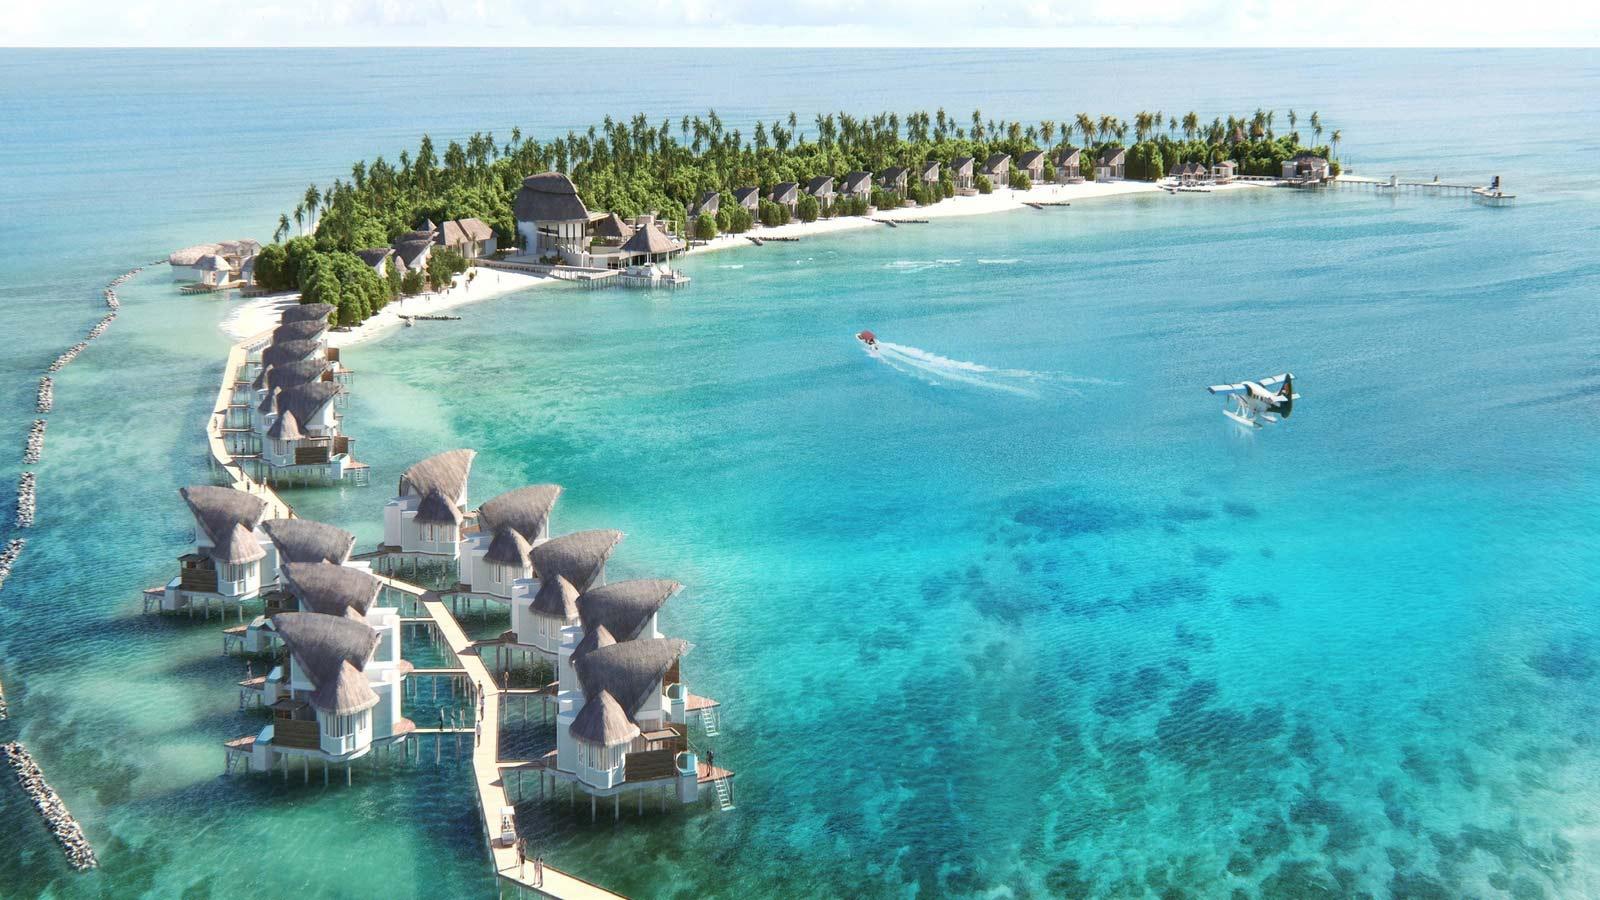 JW Marriott Resort & Spa Maldives